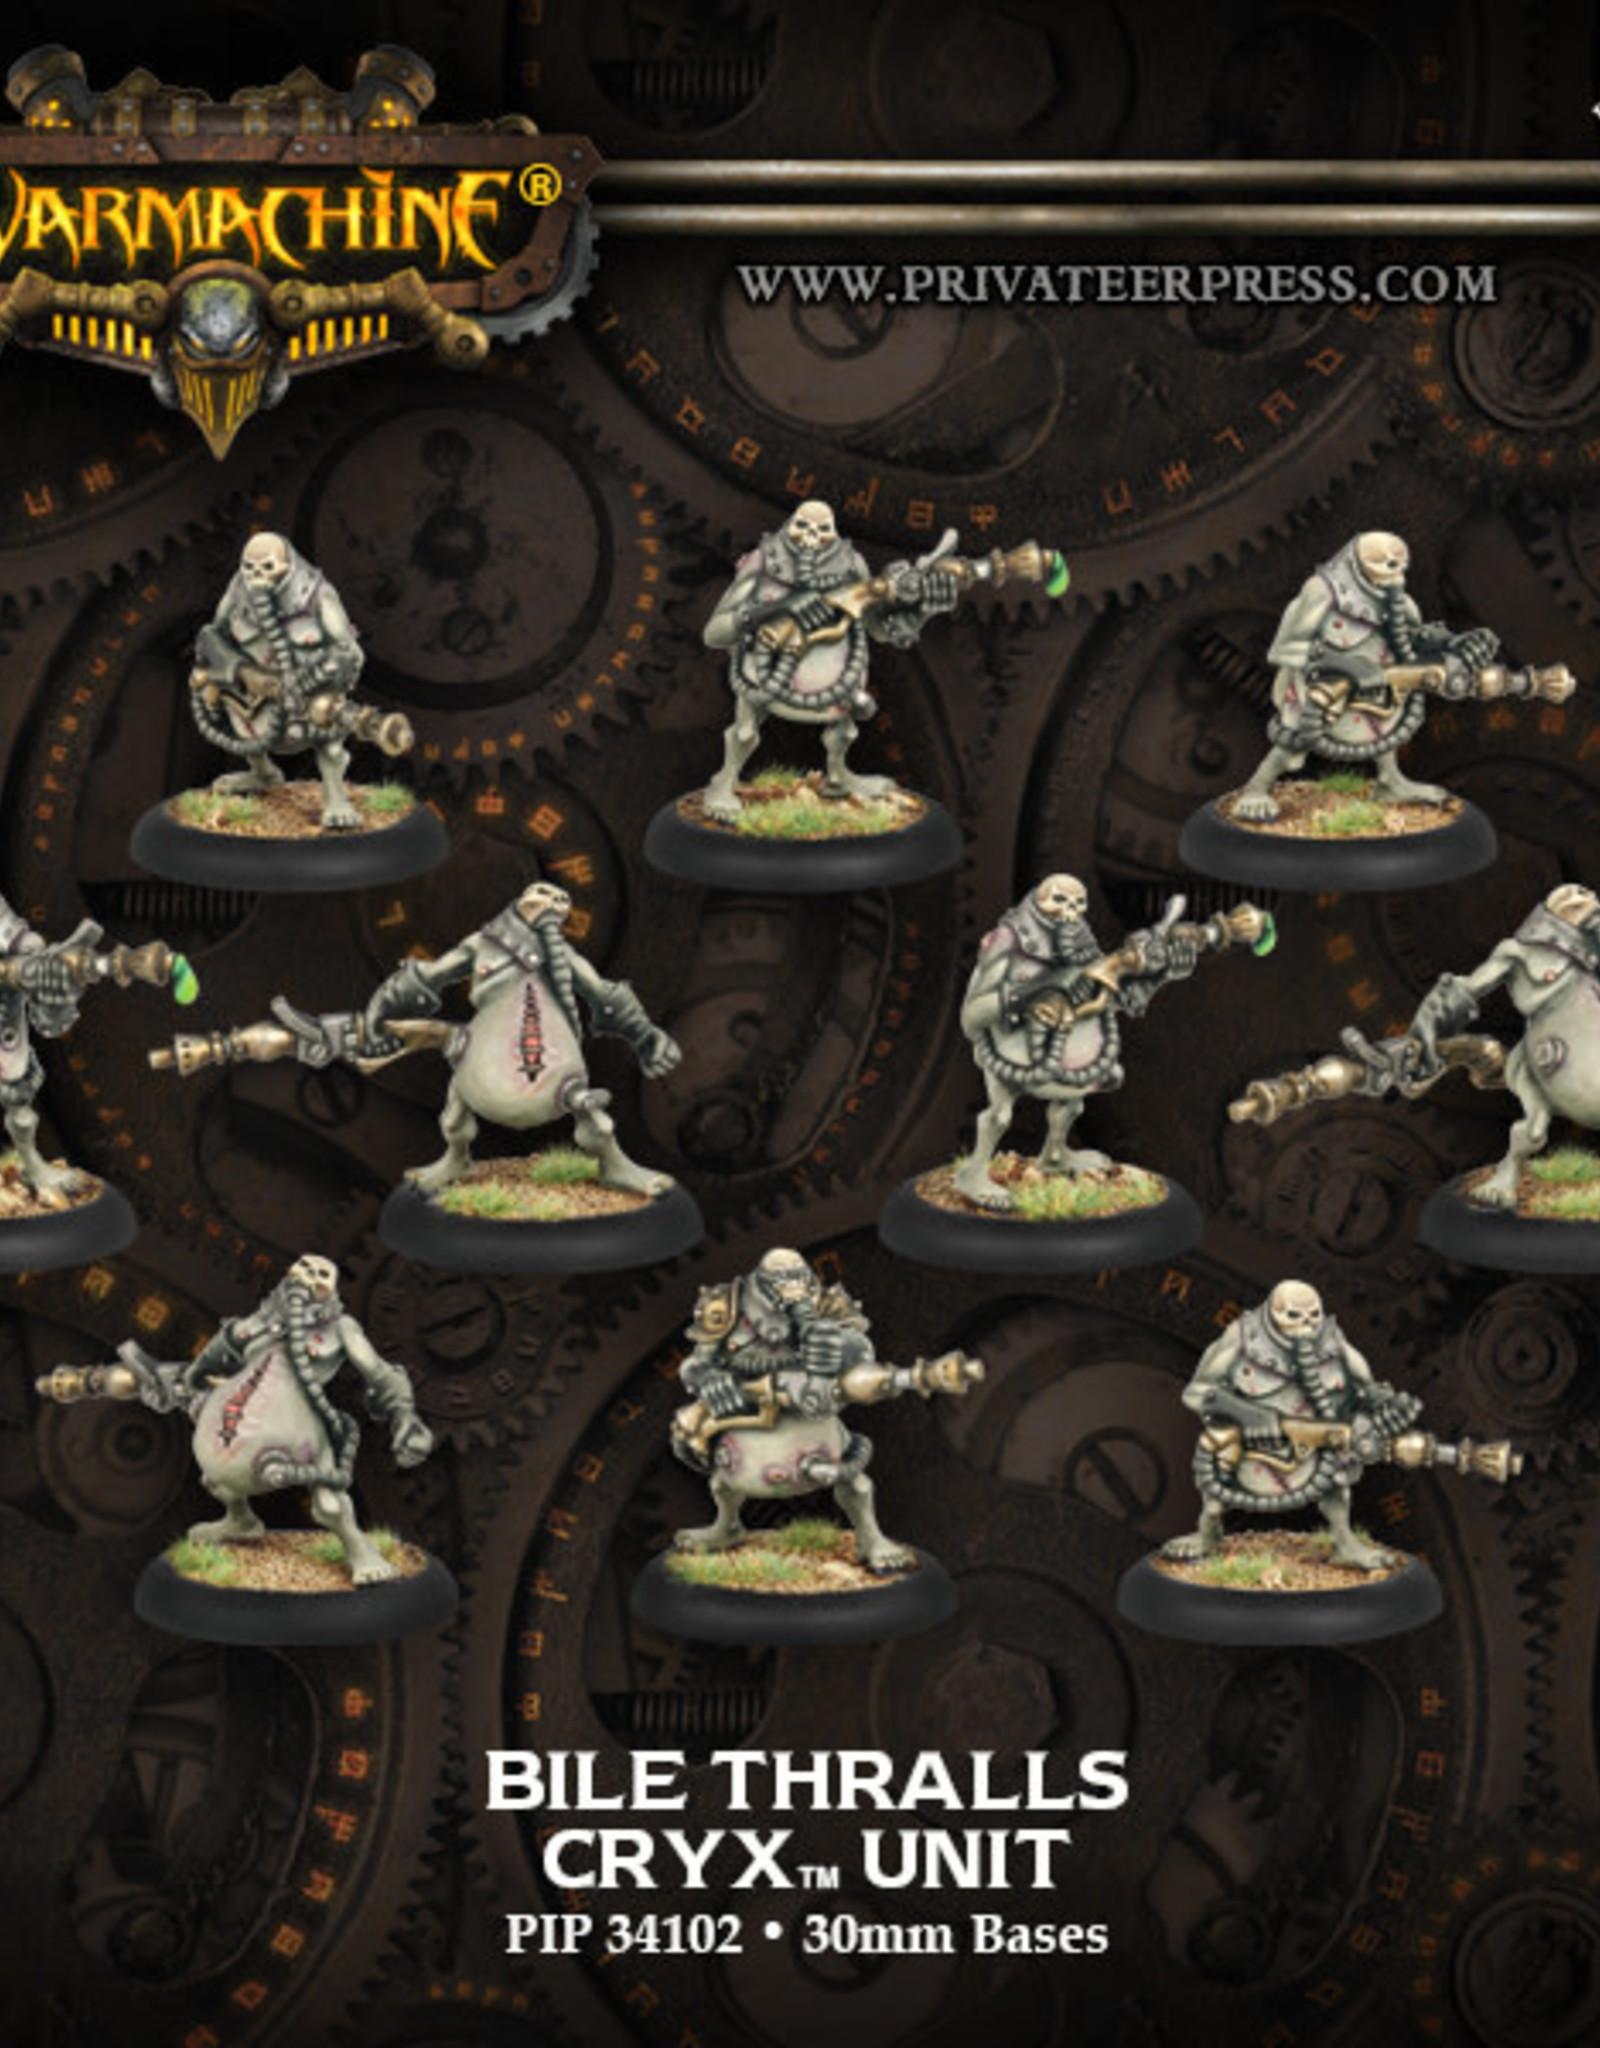 Warmachine Cryx - Bile Thralls Unit